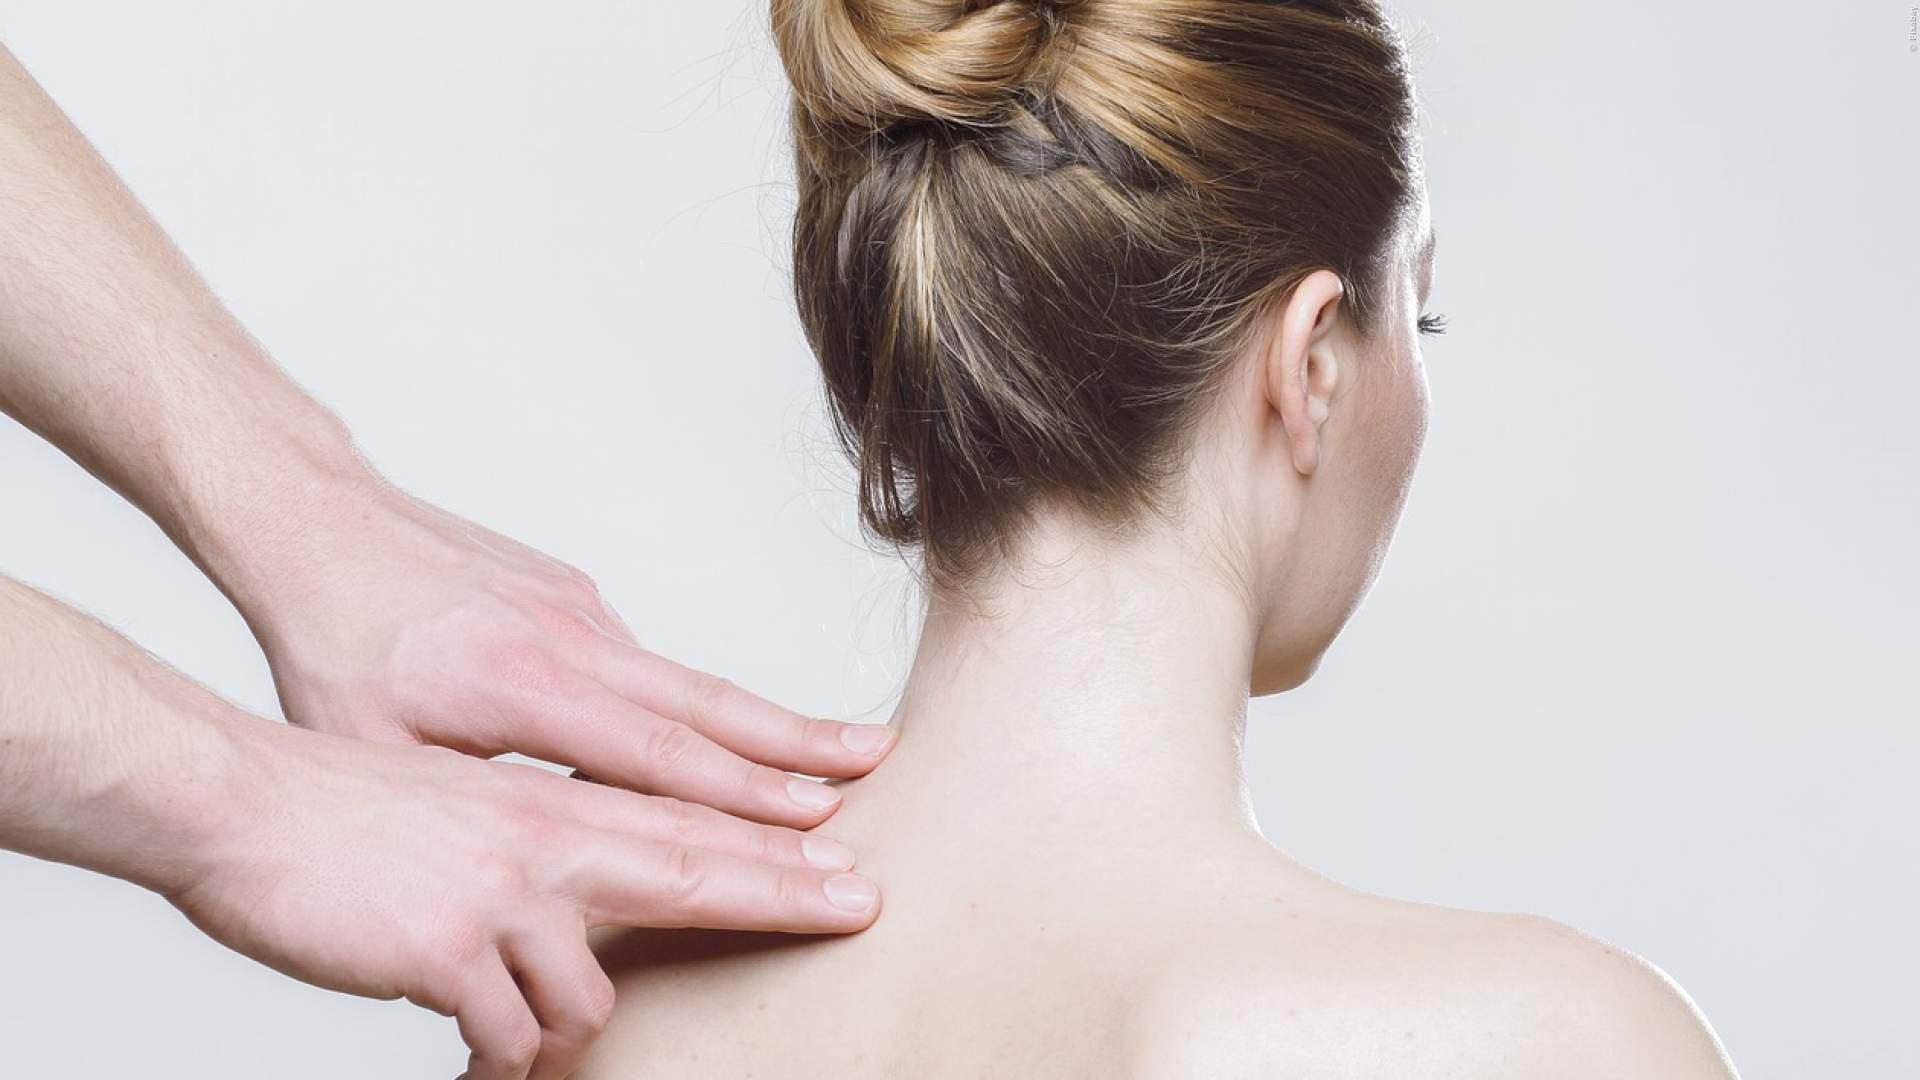 TIPP: Bei Neurodermitis auf dicke Pullis verzichten